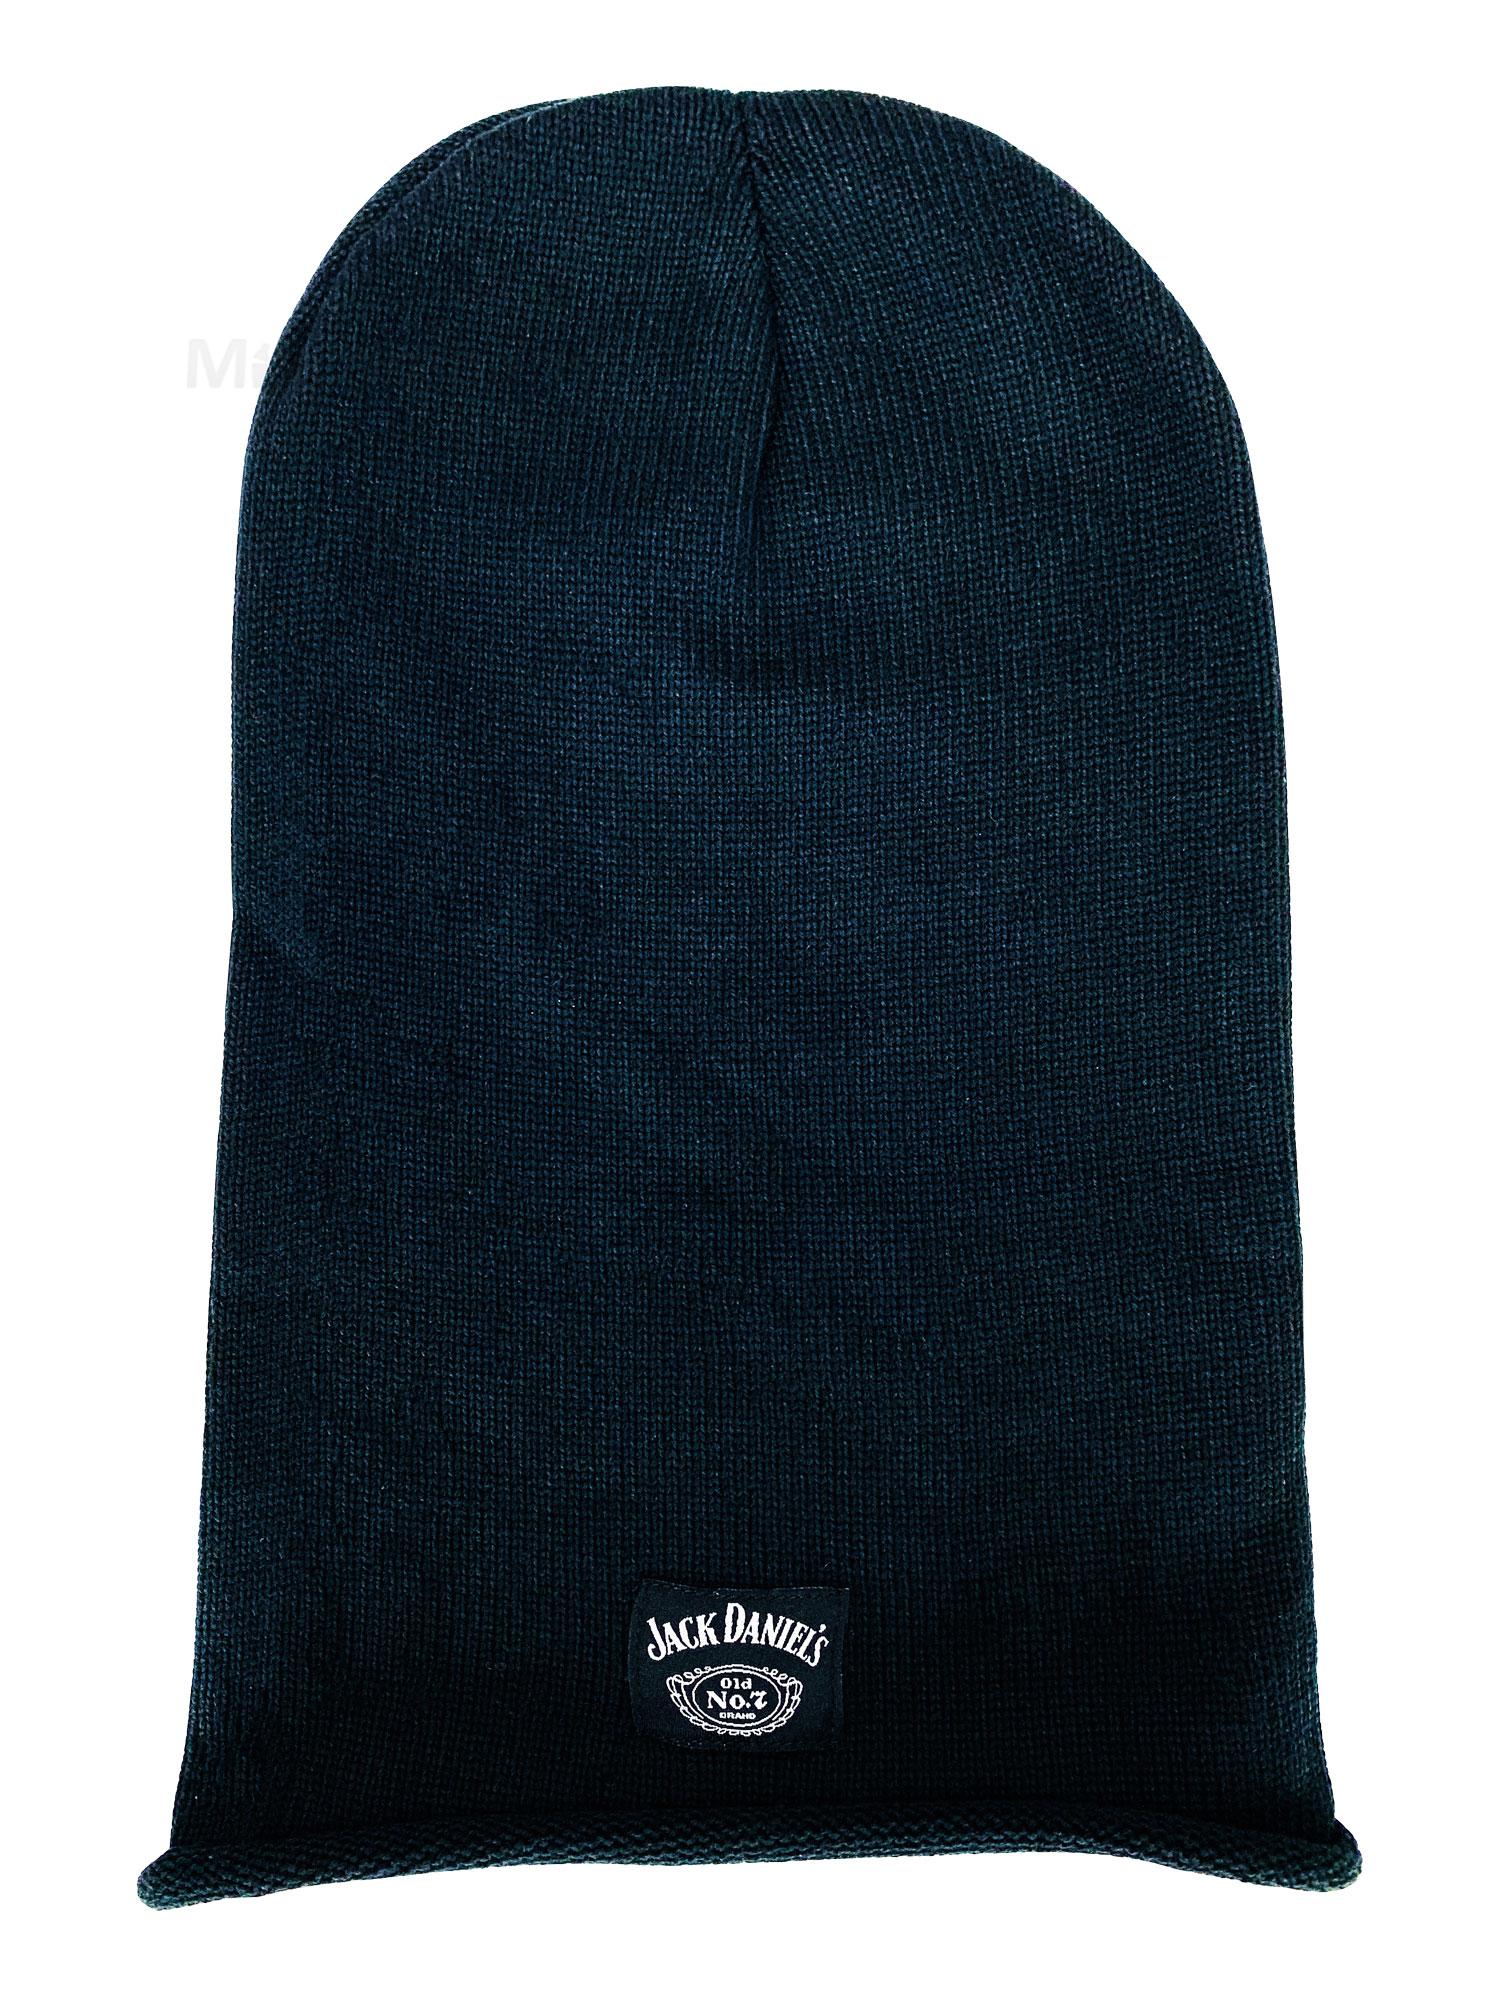 Jack Daniels Beanie Mütze Polyacryl/Baumwolle Unisex schwarz